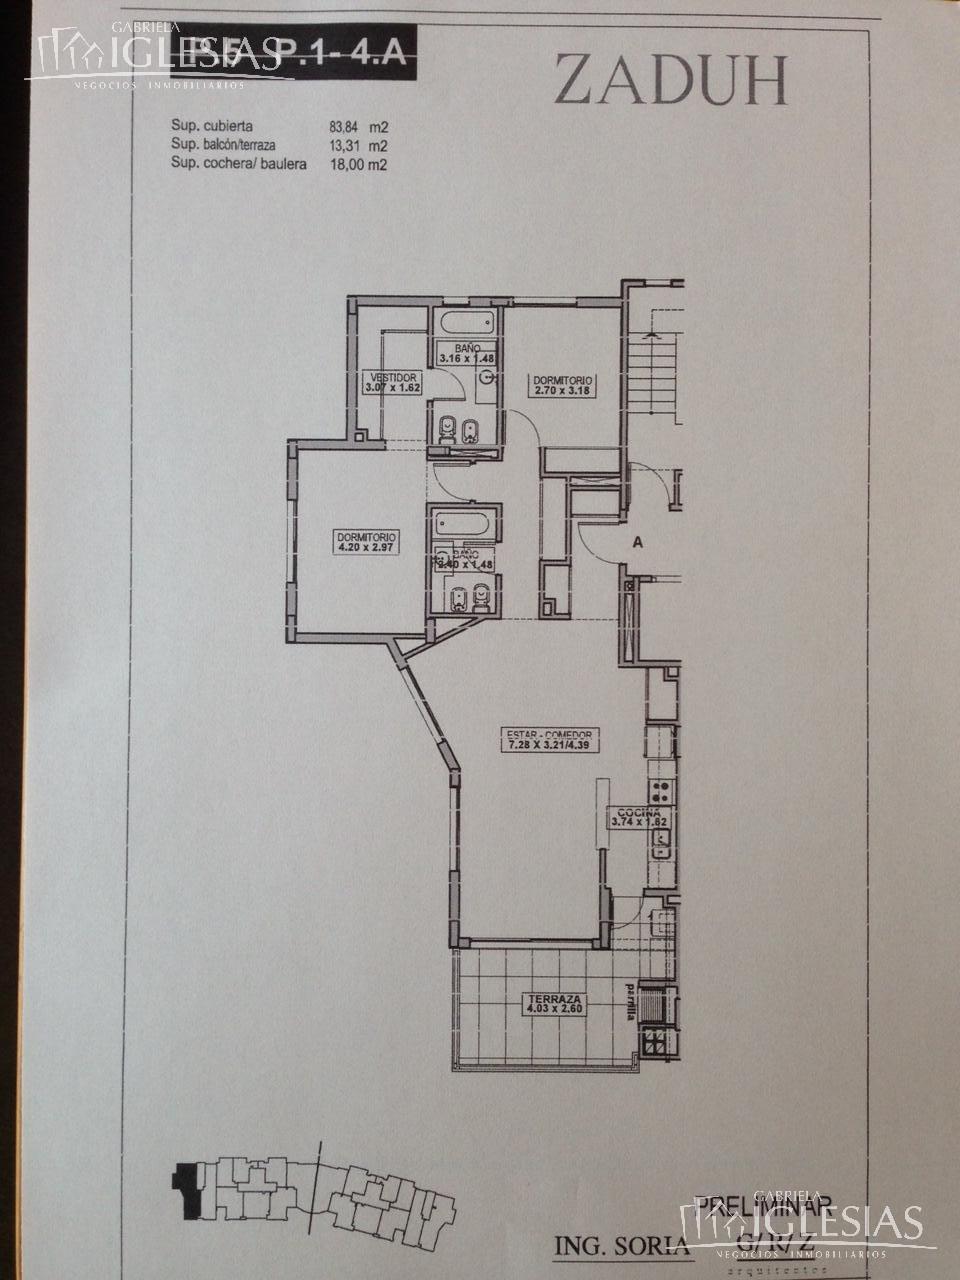 Departamento en Alquiler temporario Venta en Zaduh a Alquiler temporario - $ 35.000 Venta - u$s 290.000